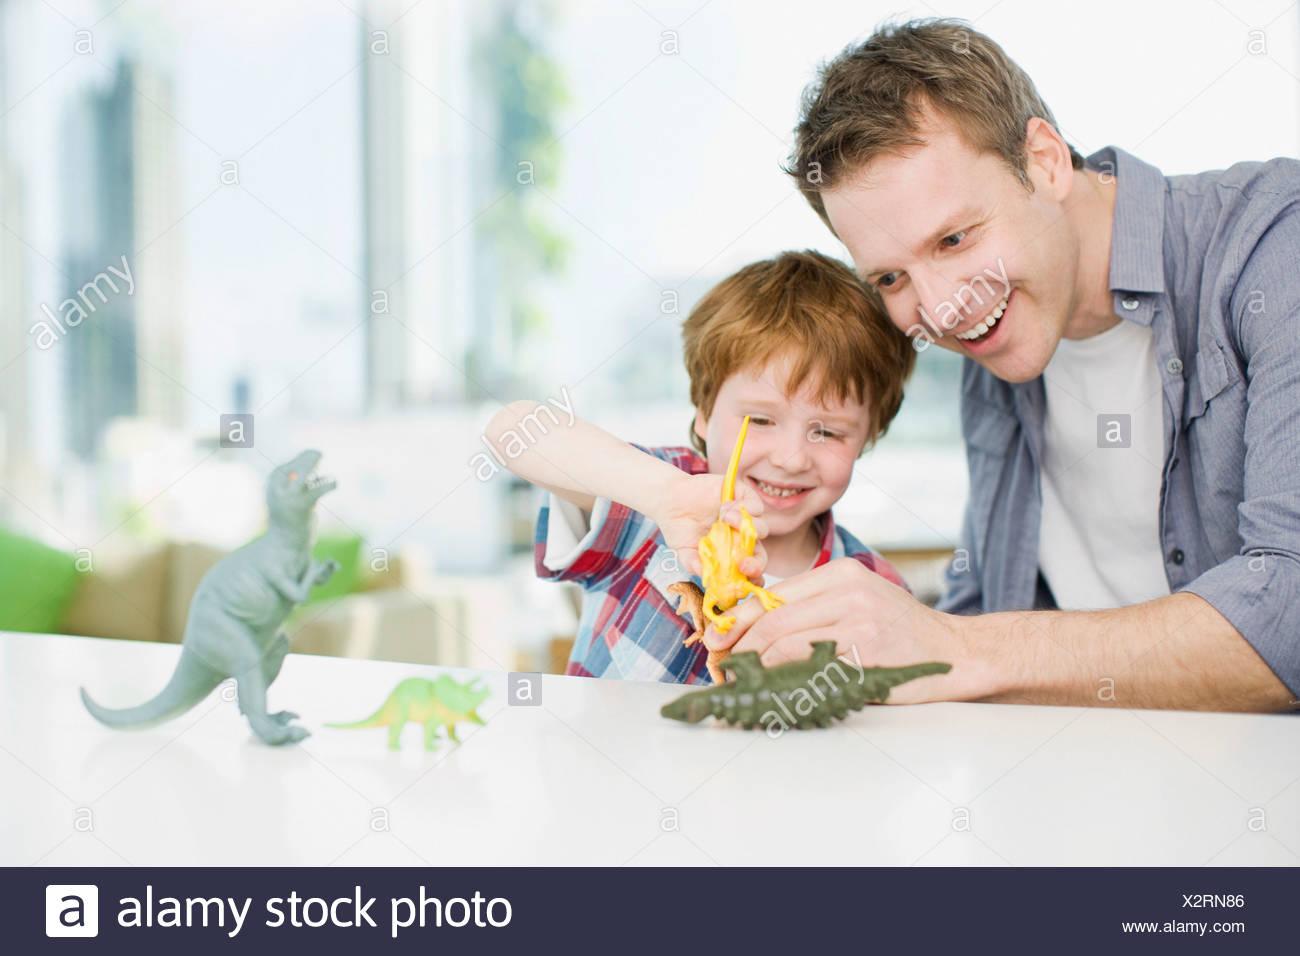 Père et fils jouant avec les dinosaures en plastique Photo Stock